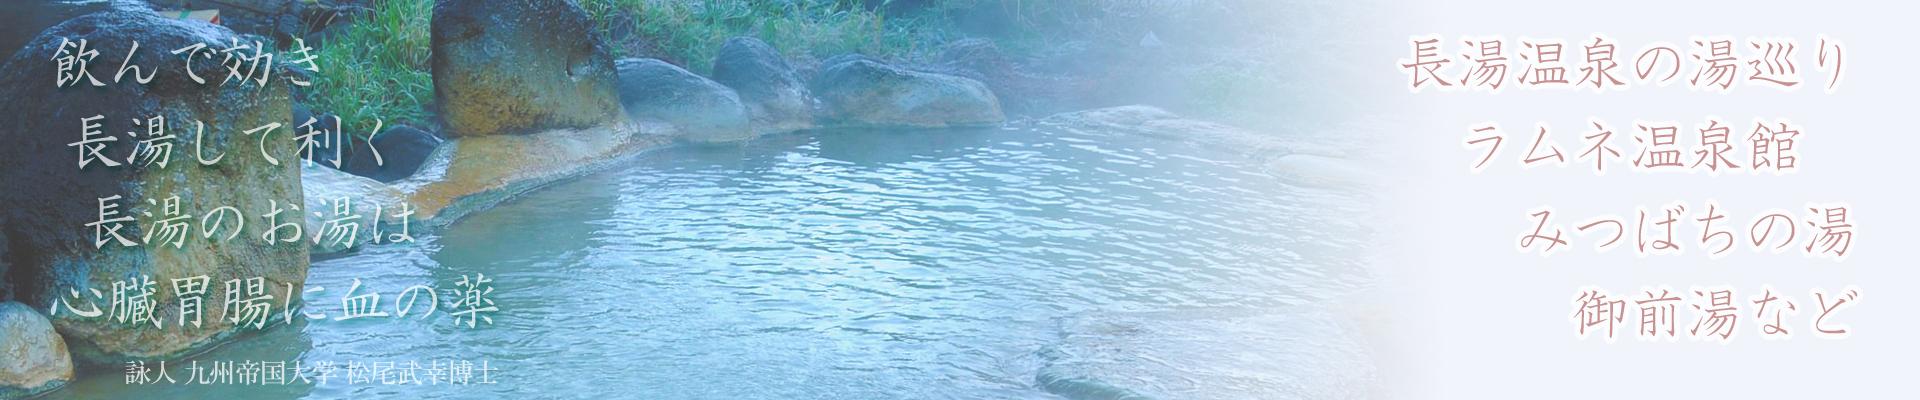 長湯温泉日帰り温泉、立ち寄り湯、温泉めぐり・周辺案内など